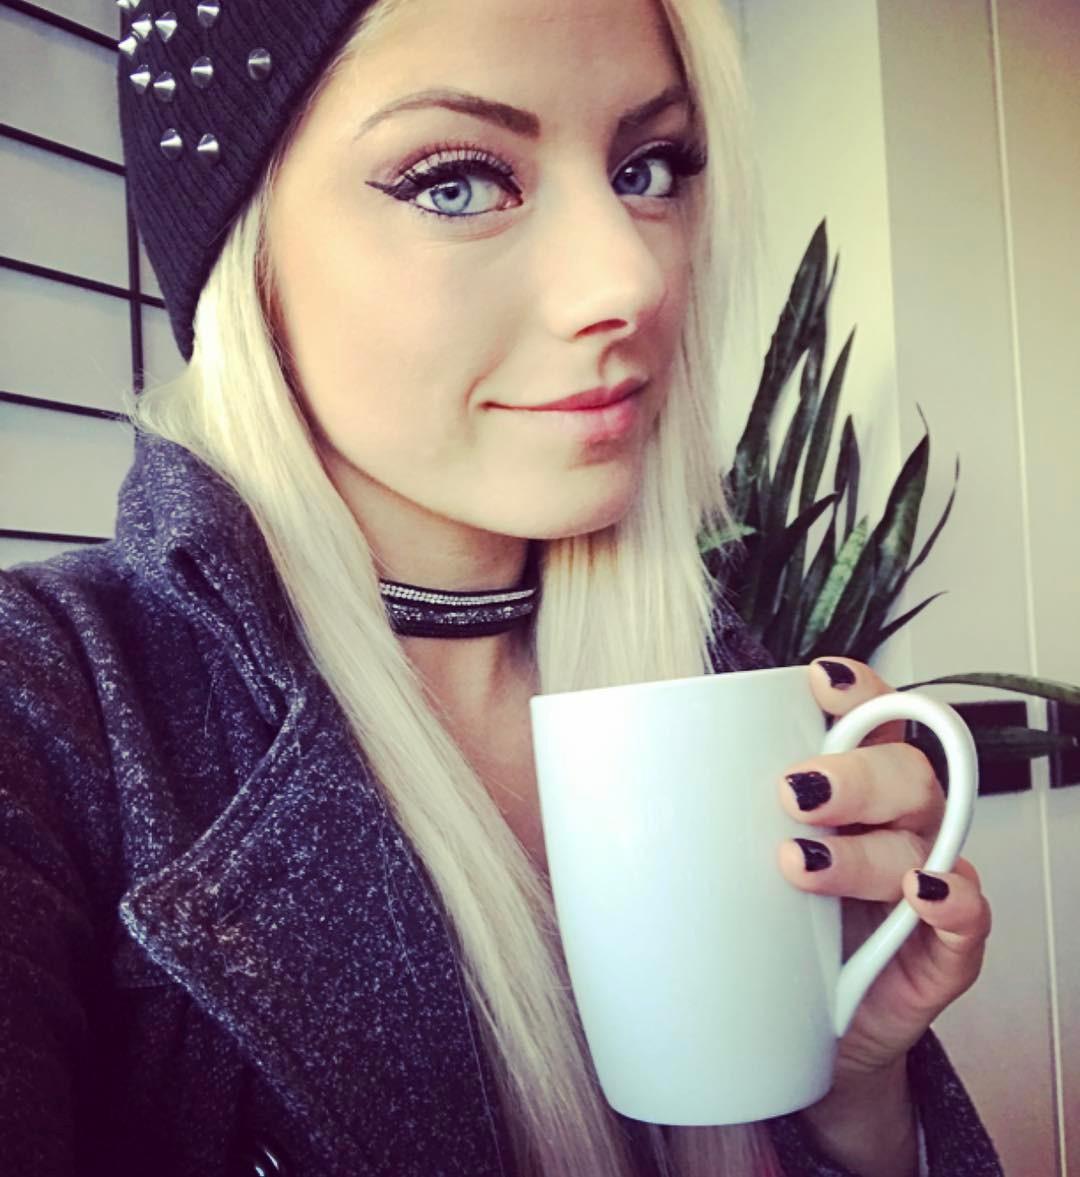 Alexa Bliss 2020 : Alexa Bliss – Instagram and social media-02